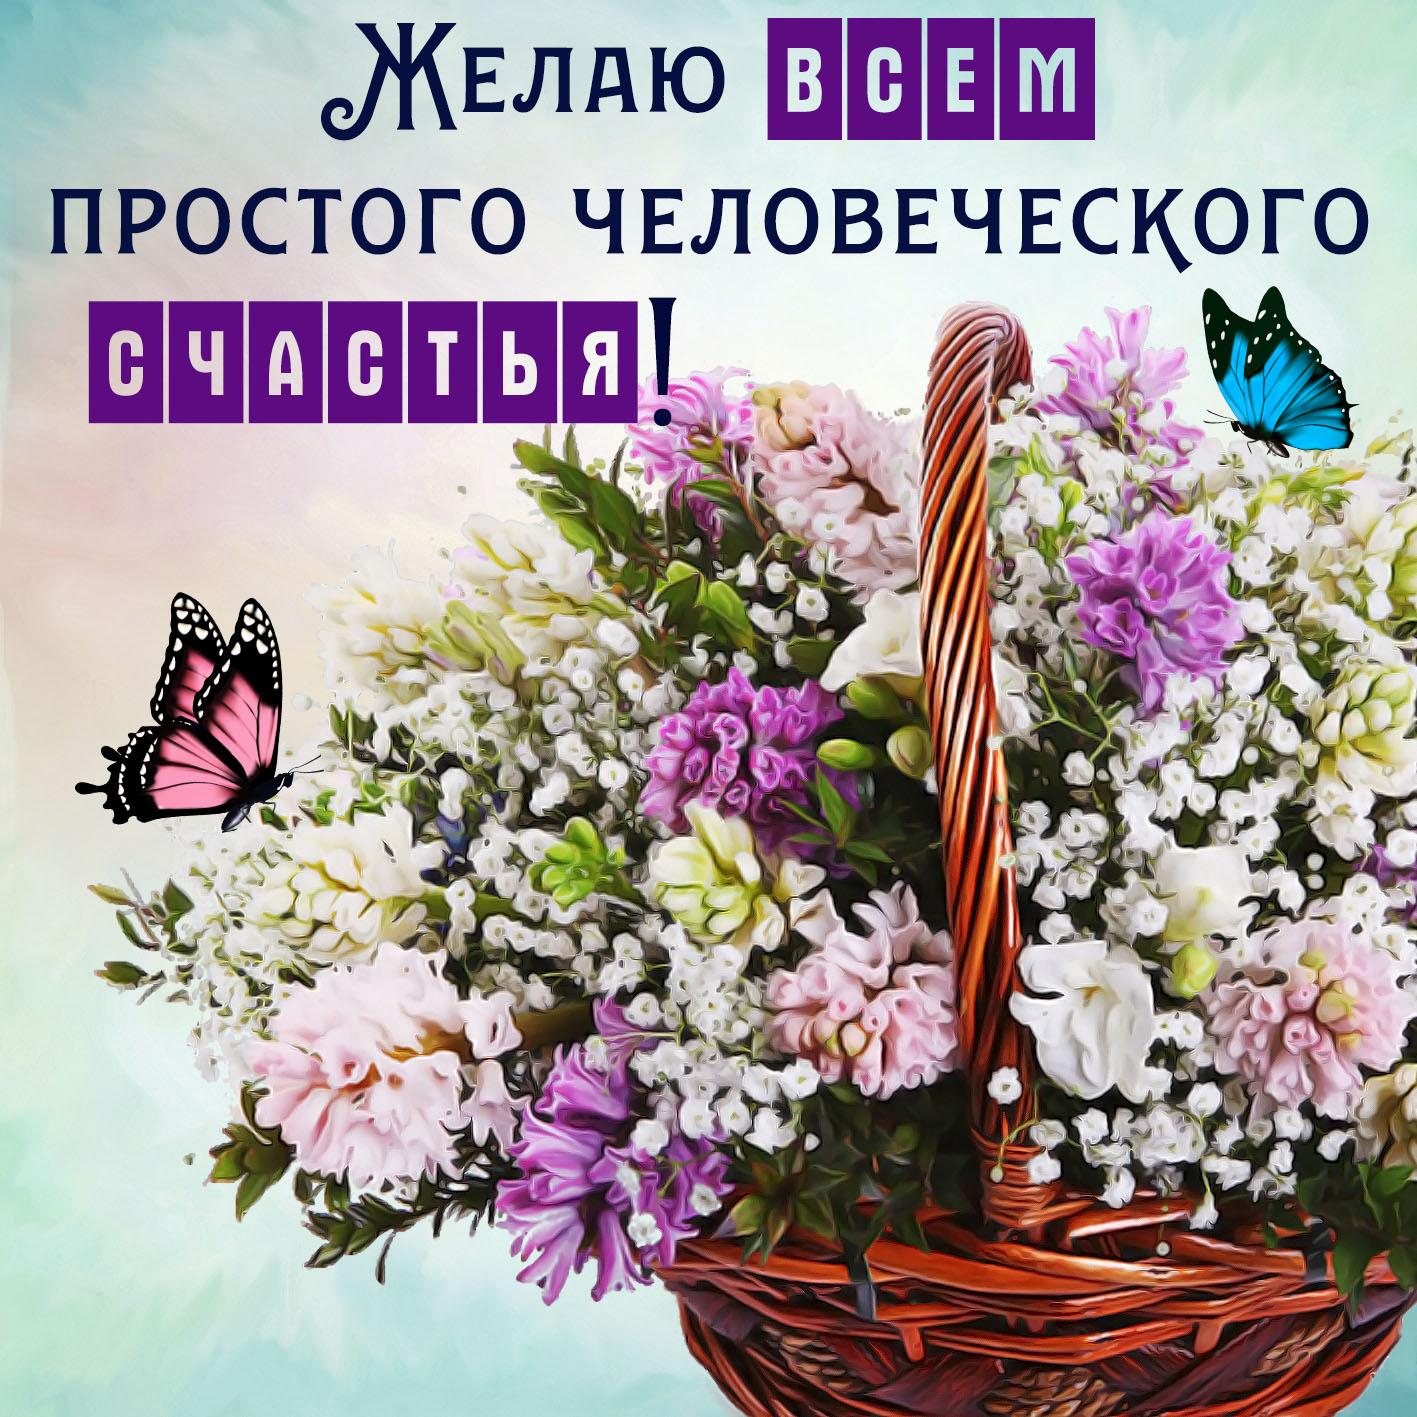 Картинка с цветами и пожеланиями добра и счастья